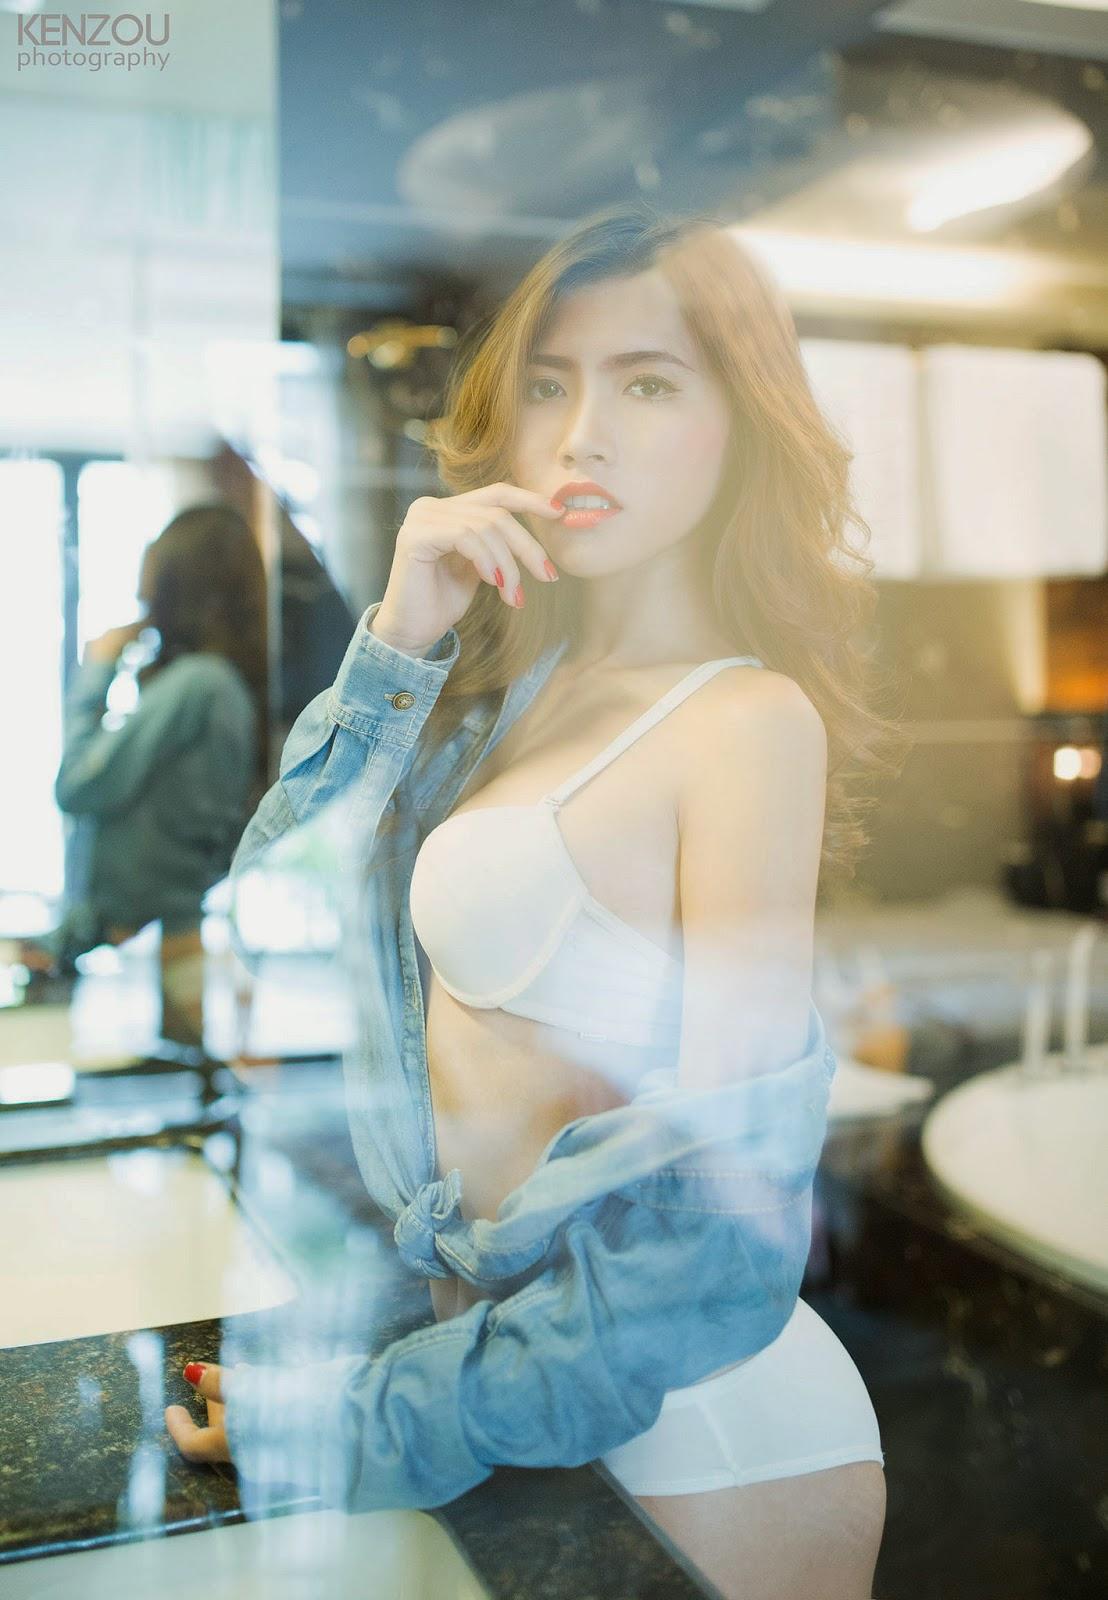 Cùng ngắm gái xinh với jeans cá tính & quyến rũ - Hình 14